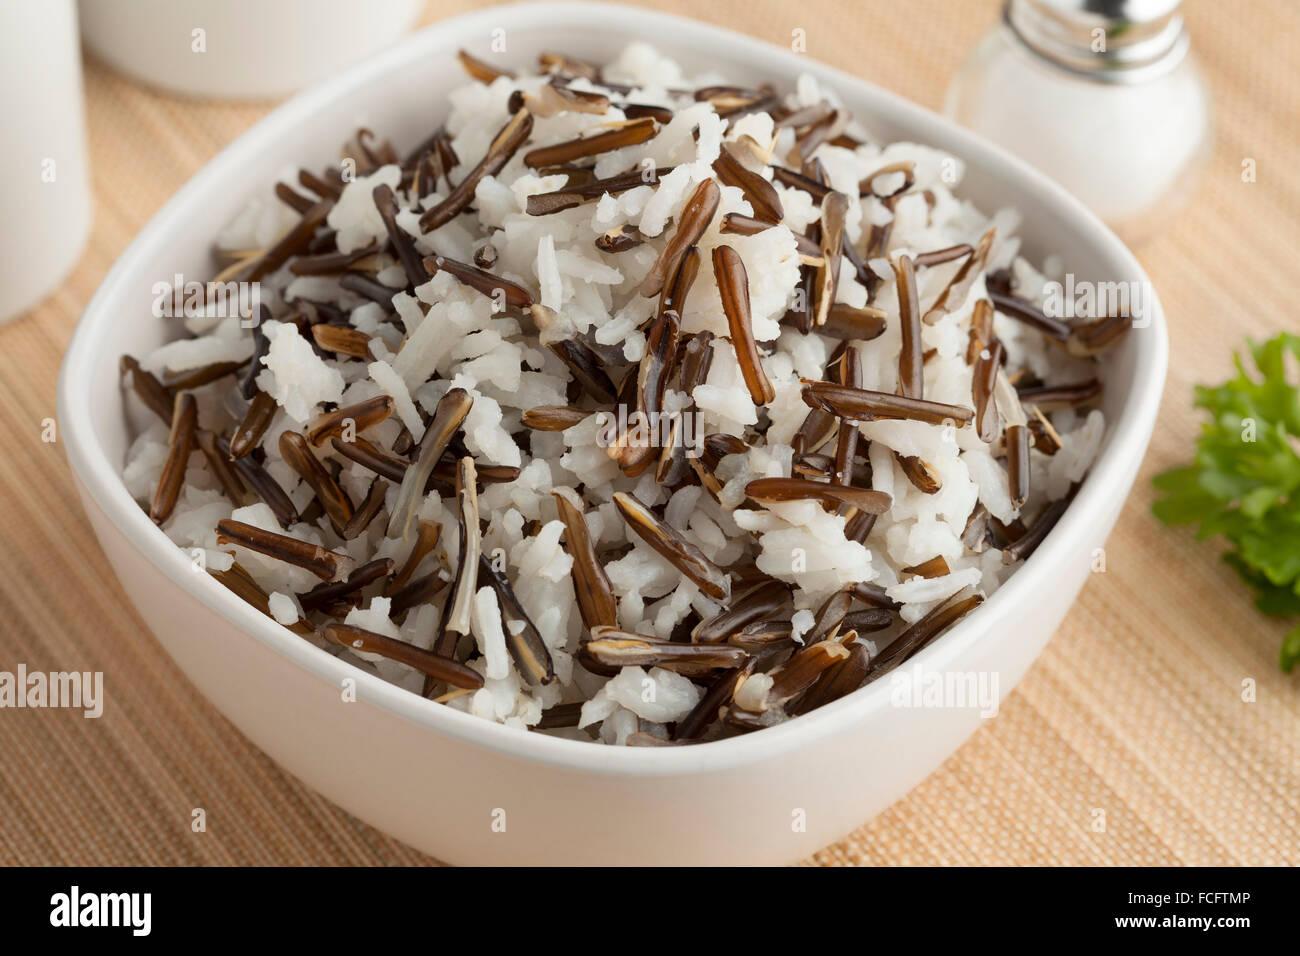 Recipiente con una mezcla de arroz basmati y indio Imagen De Stock